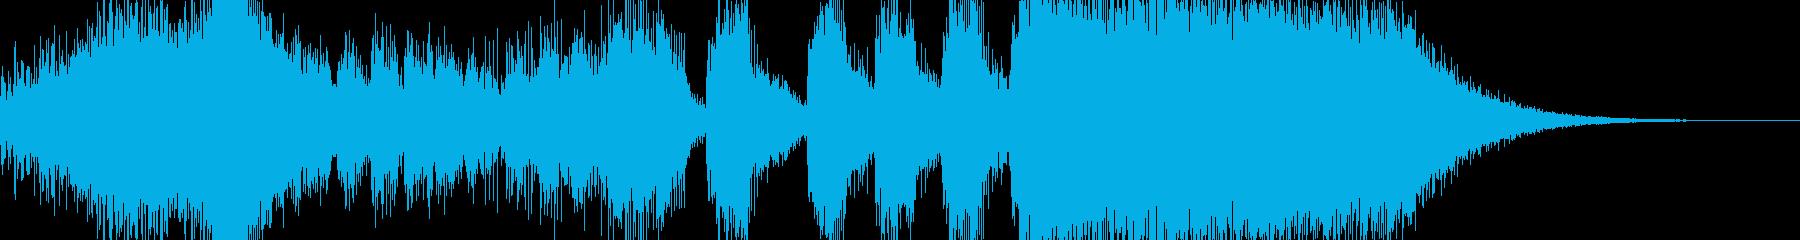 トランペットメインのジングルです。の再生済みの波形